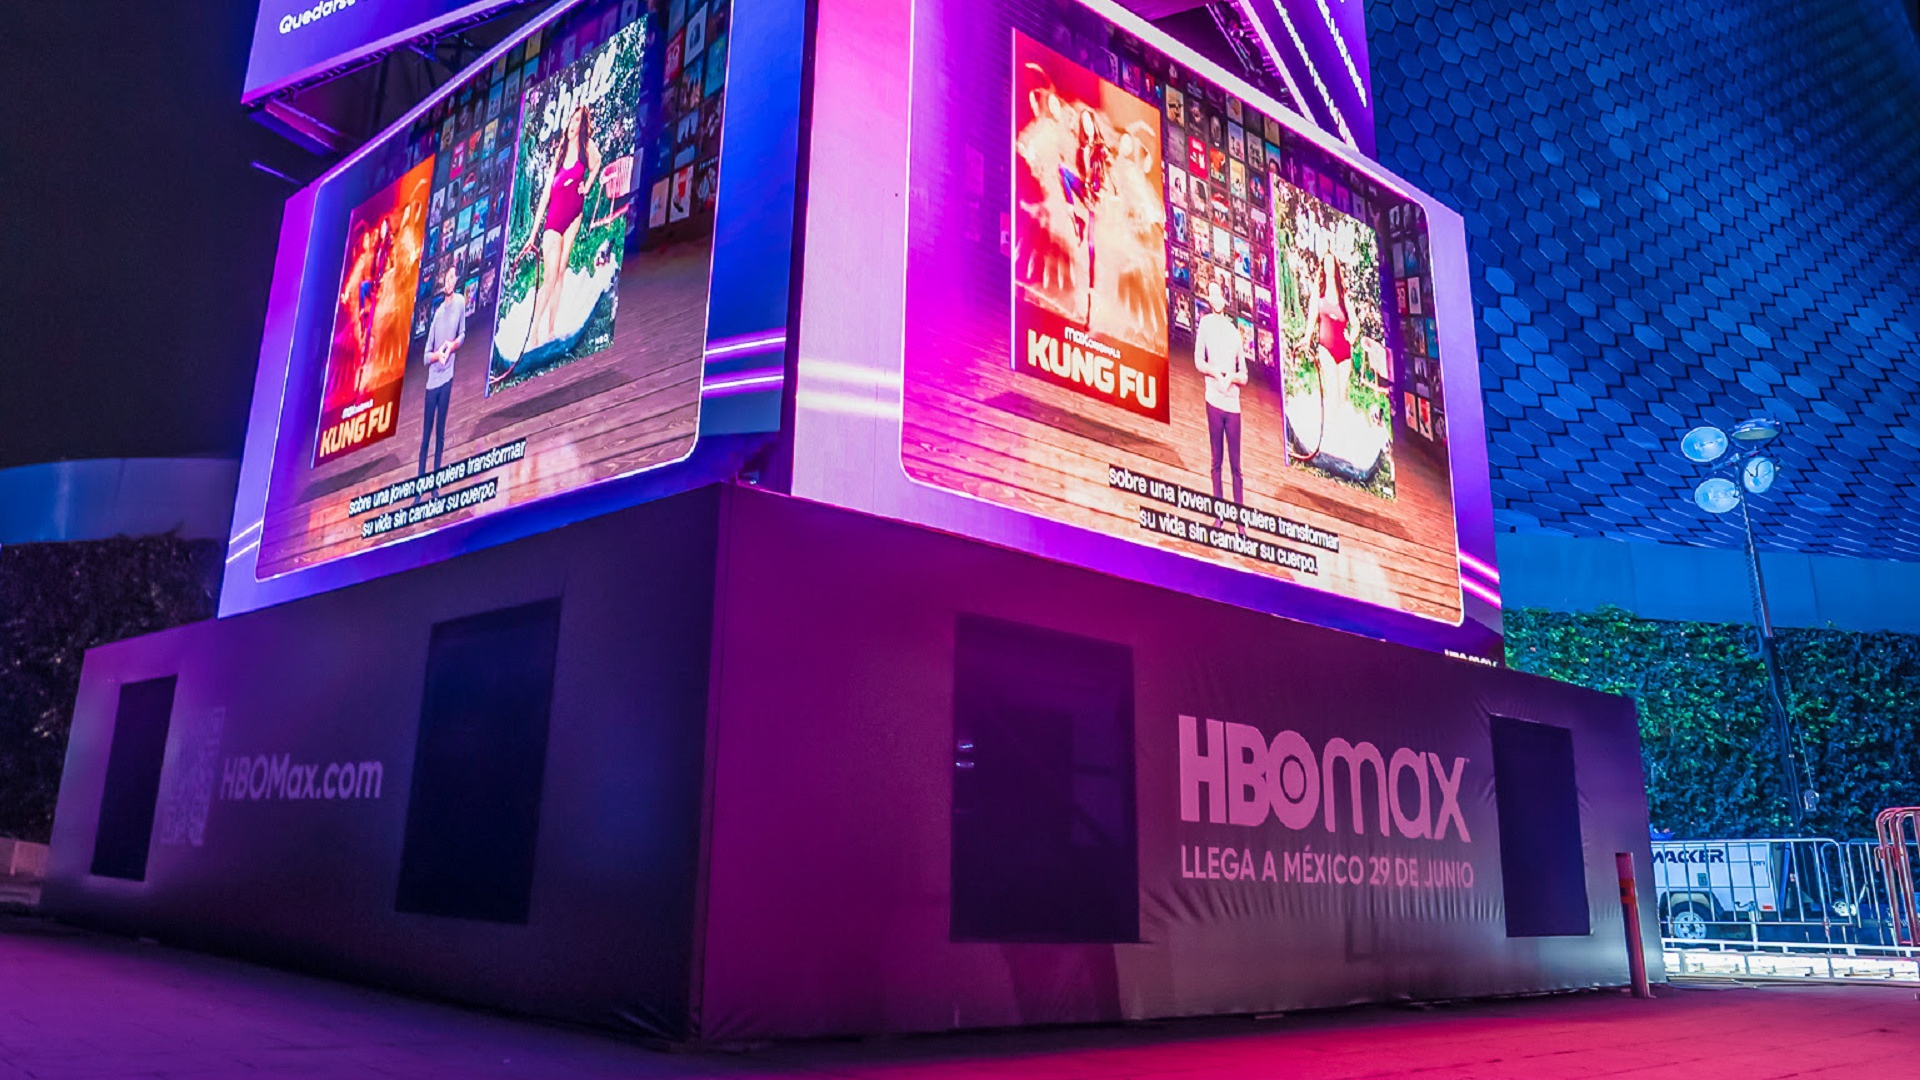 Todo sobre HBO Max Latinoamérica: precios, planes, contenidos y mas